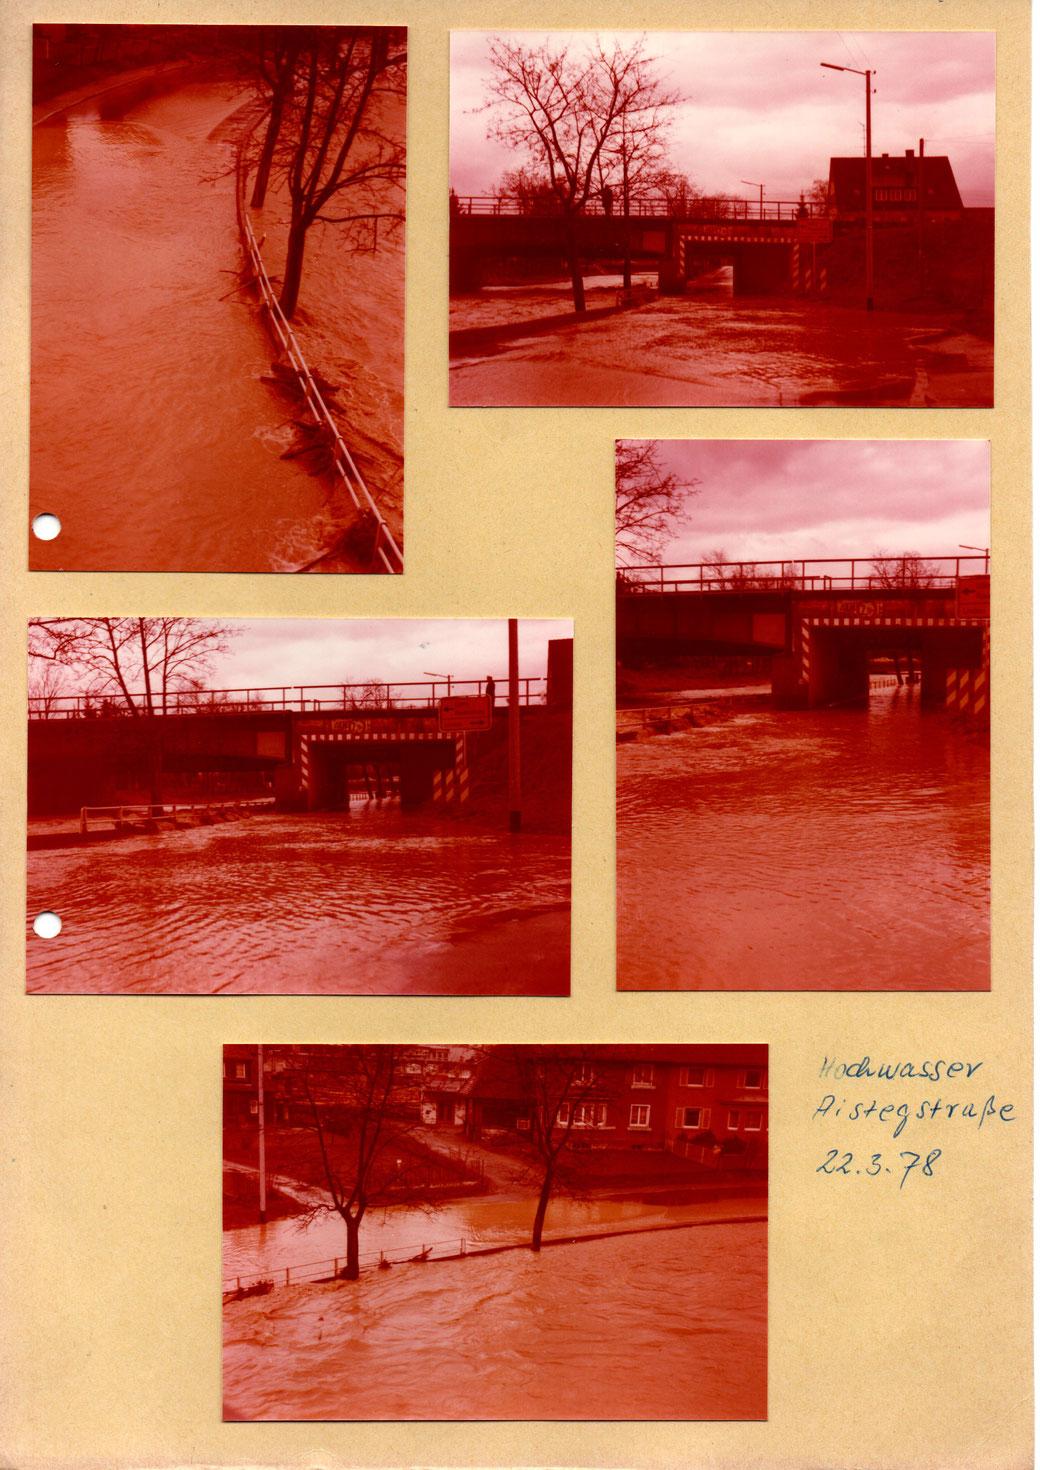 Die Bilder zeigen die Straße nördlich der Eisenbahnbrücke (Quelle: Familienbesitz), Bild unten: Aistegstr 11 - 15